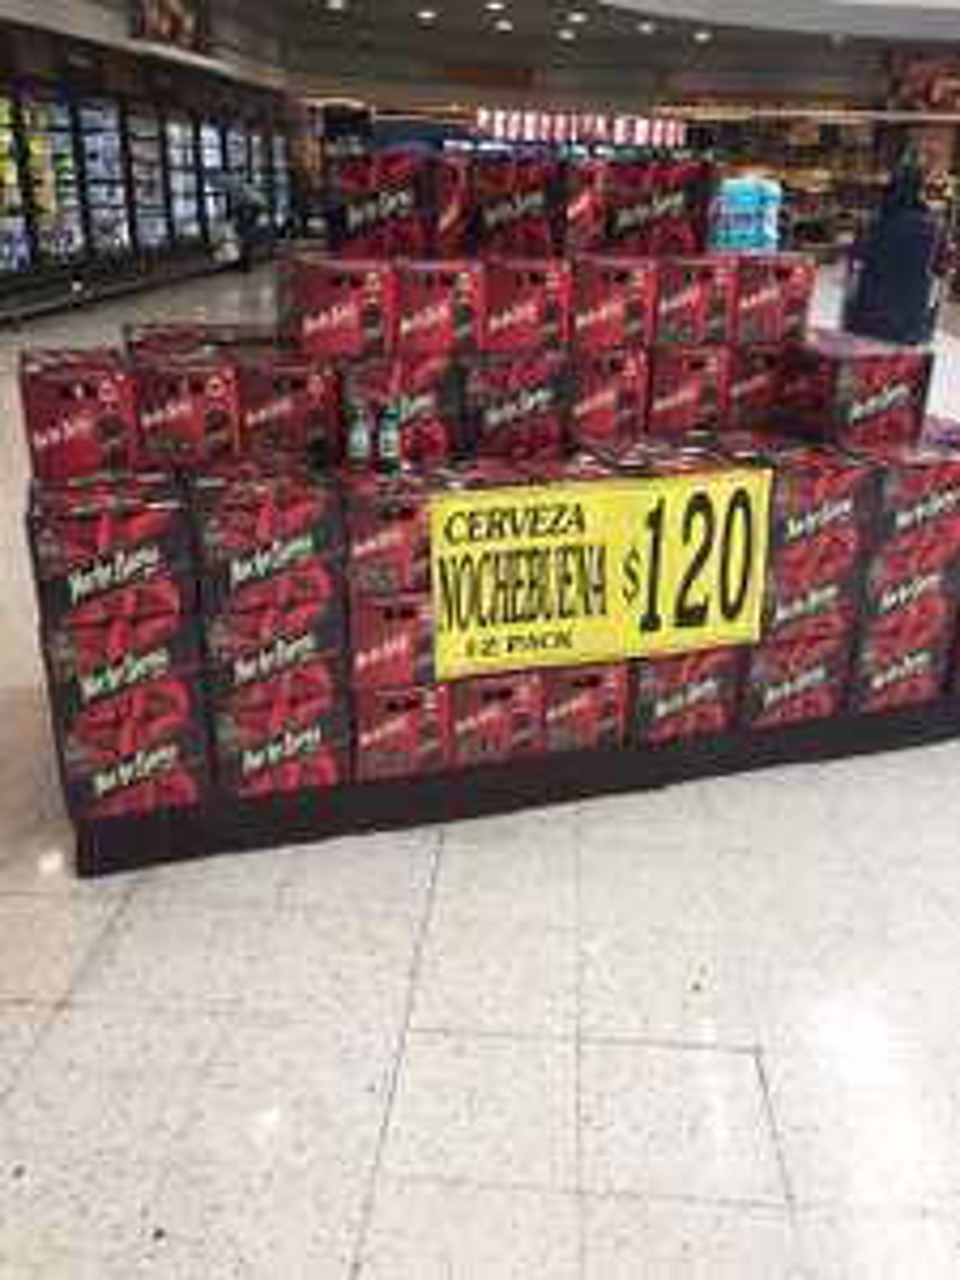 Soriana: Cartón de cerveza Nochebuena a 120